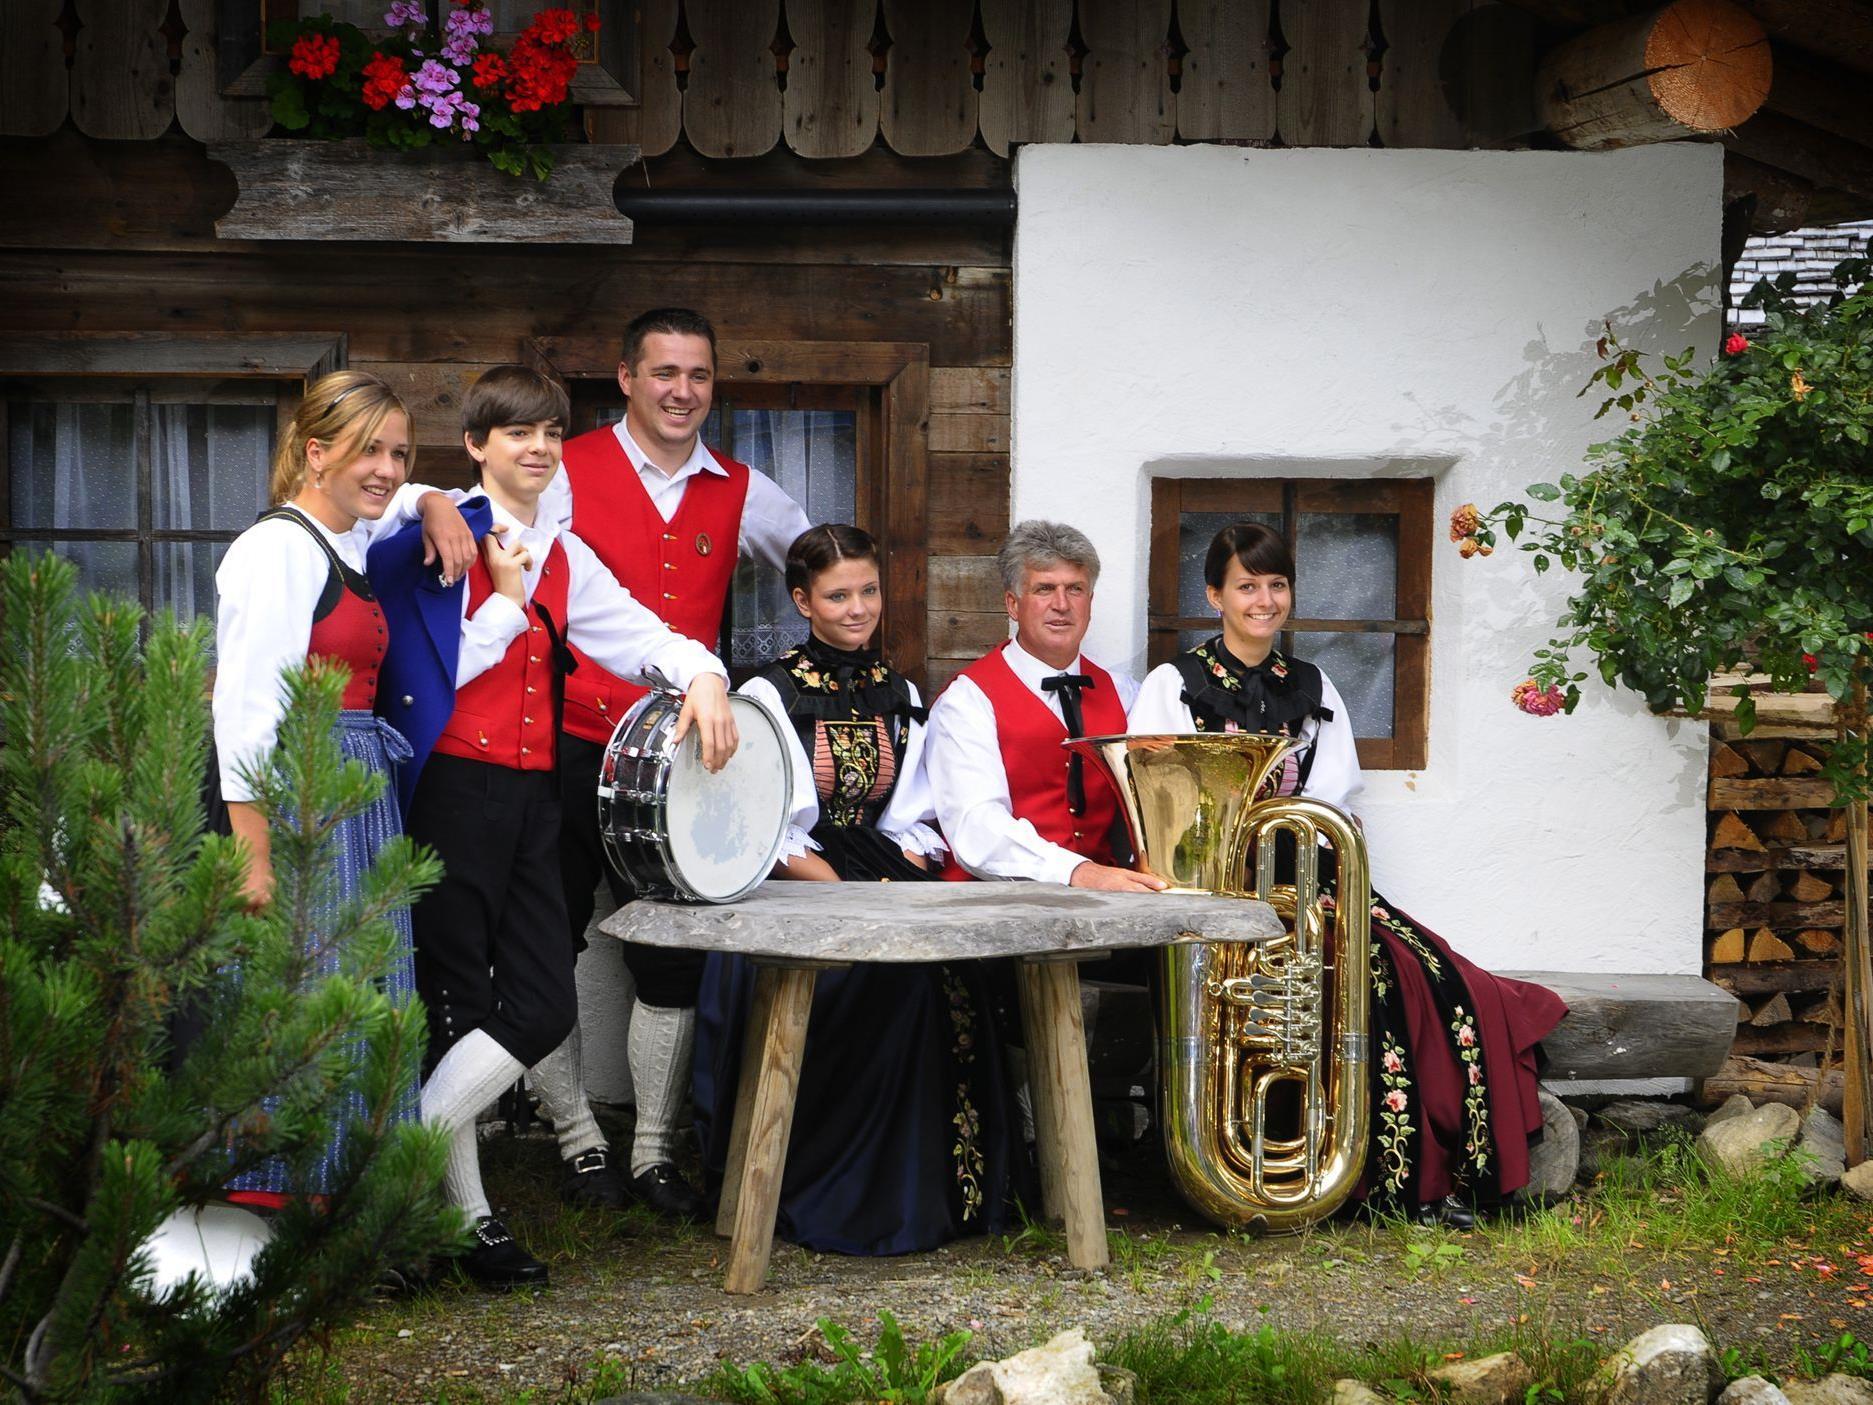 Am kommenden Samstag findet das Frühjahrskonzert der Bürgermusik Silbertal statt.